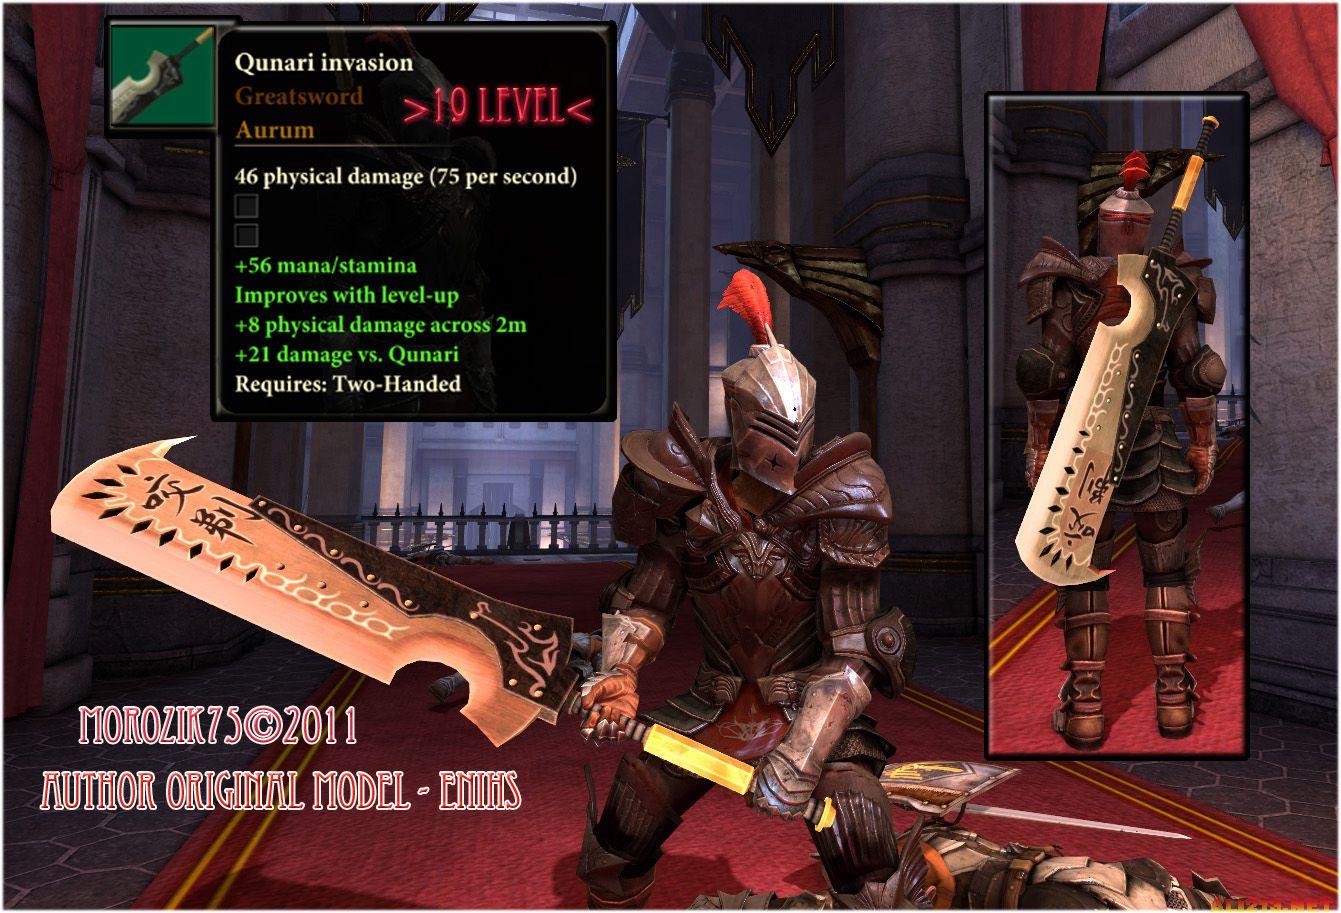 龙腾小说网电影_龙腾世纪2(dragon age 2)morozik75的武器库mod